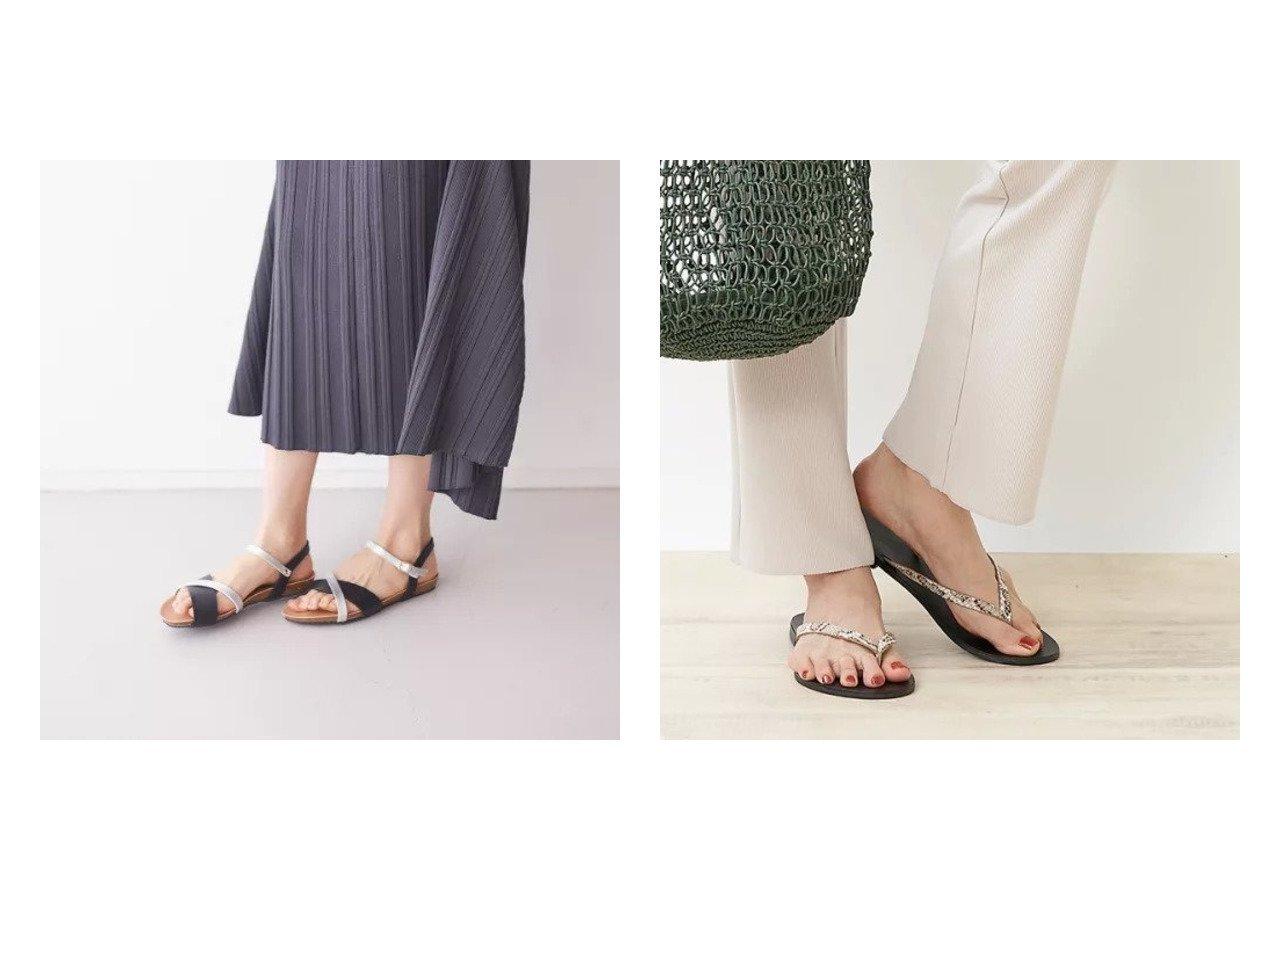 【Rouge vif/ルージュ ヴィフ】のPLAKTON クロスベルトサンダル&【NICOLAS LAINAS】スネークトングサンダル シューズ・靴のおすすめ!人気、トレンド・レディースファッションの通販 おすすめで人気の流行・トレンド、ファッションの通販商品 メンズファッション・キッズファッション・インテリア・家具・レディースファッション・服の通販 founy(ファニー) https://founy.com/ ファッション Fashion レディースファッション WOMEN ベルト Belts サンダル シューズ デニム |ID:crp329100000013685